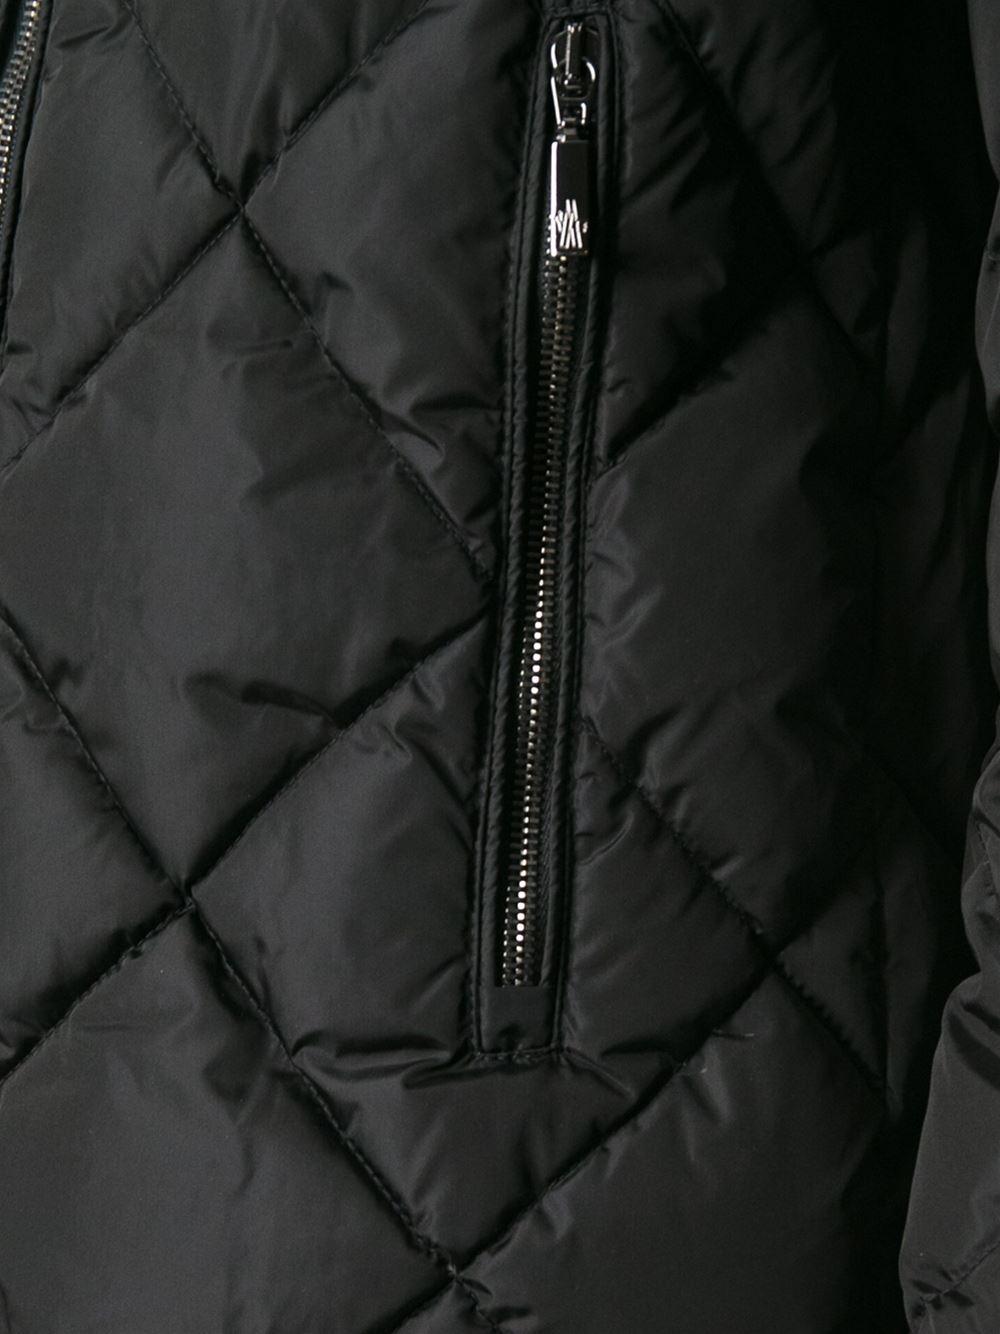 moncler vouglans black